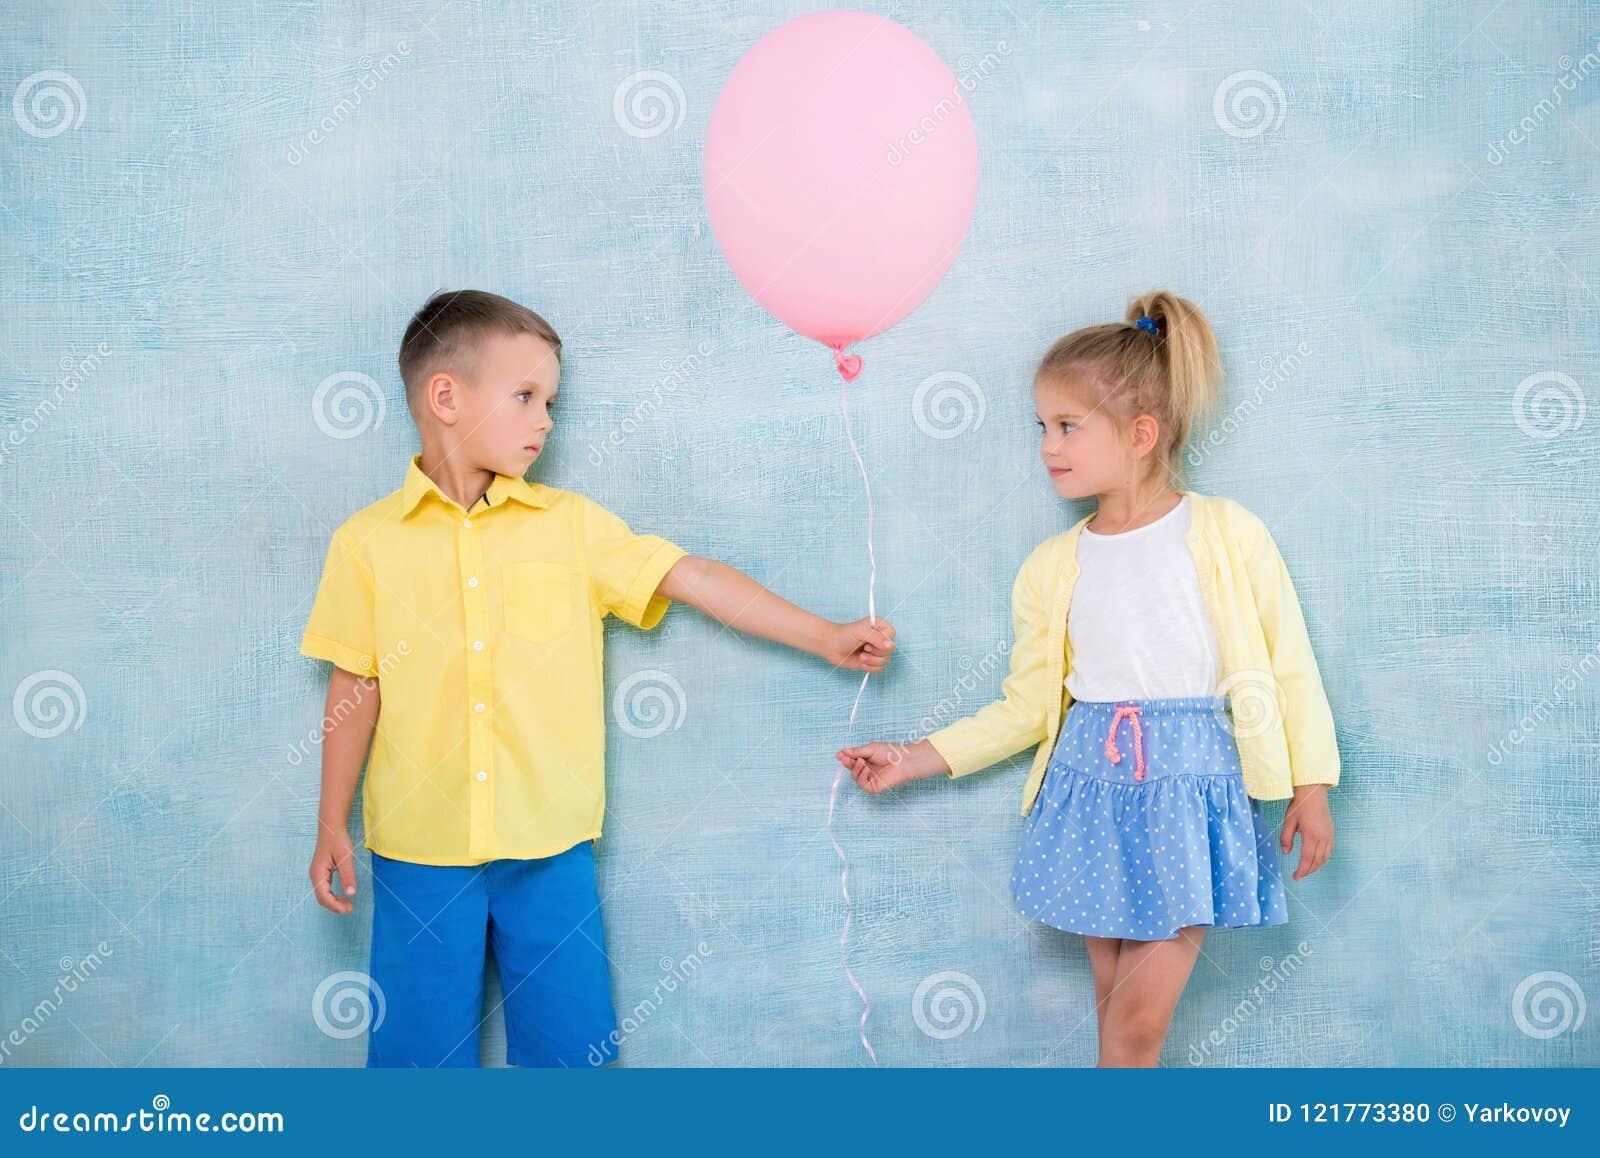 Pojkebarnet ger en ballong till en flicka Tecken av uppmärksamhet, sympati och kurtis